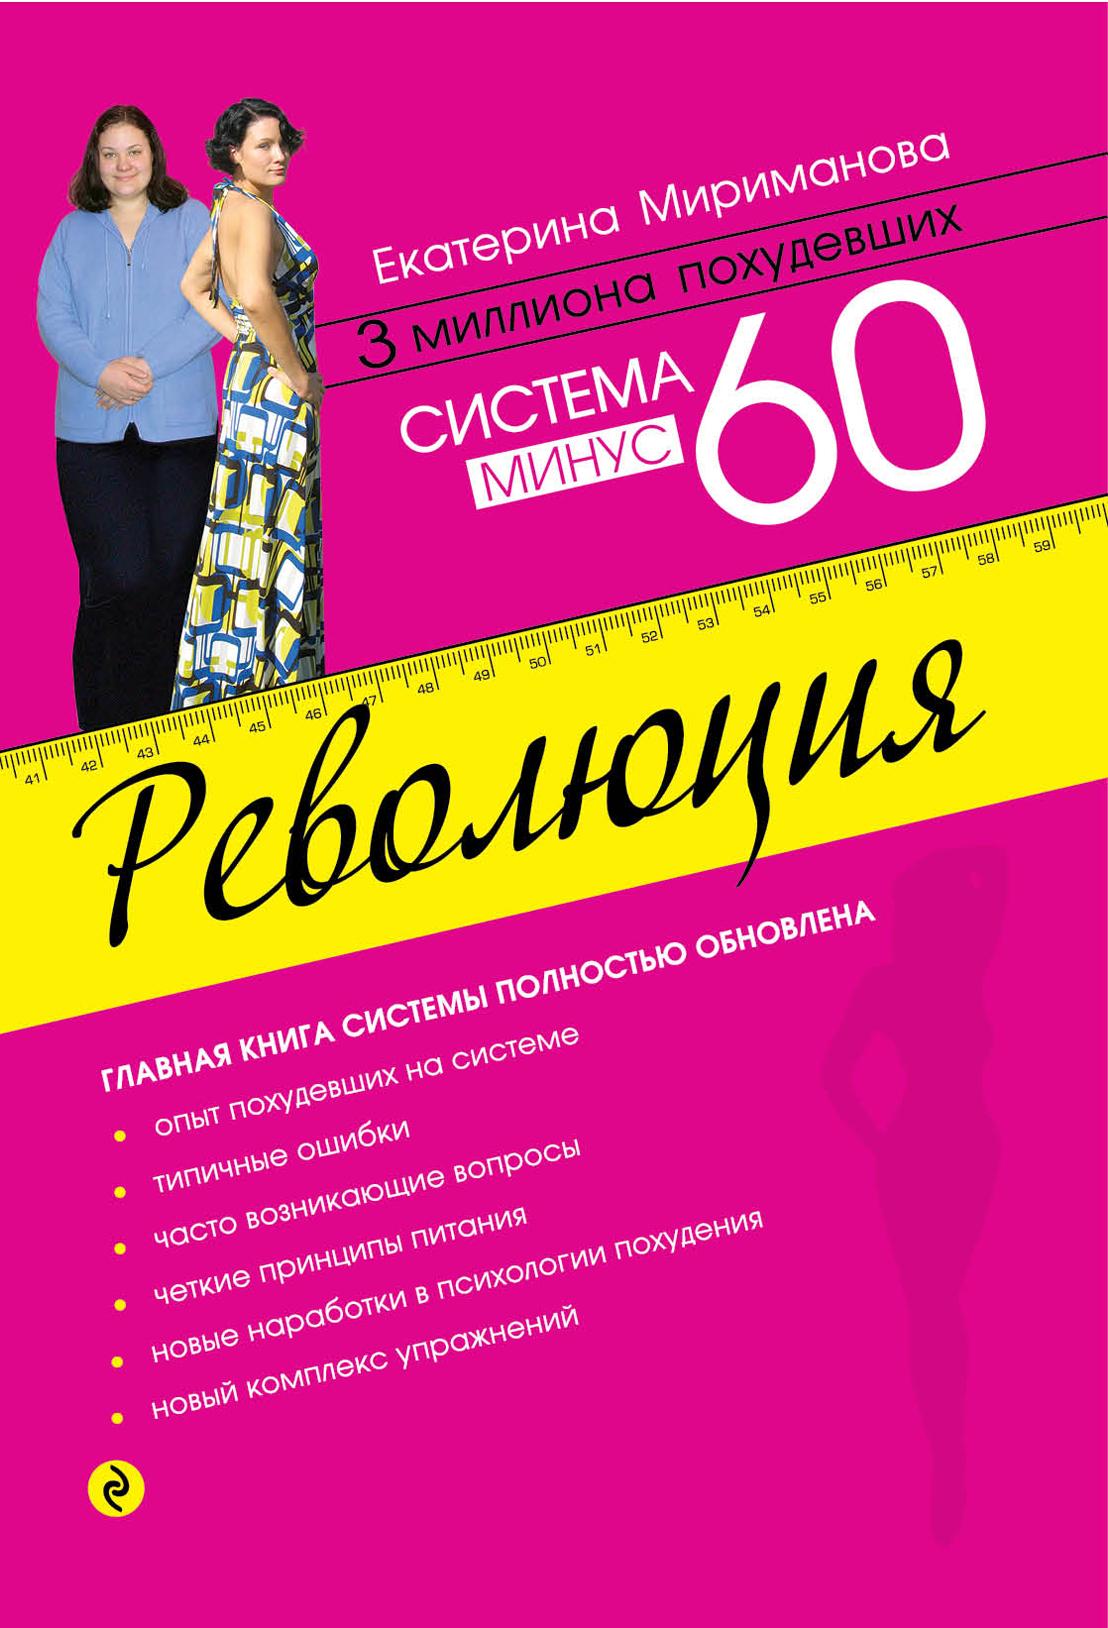 Мириманова Е.В. Система минус 60. Революция